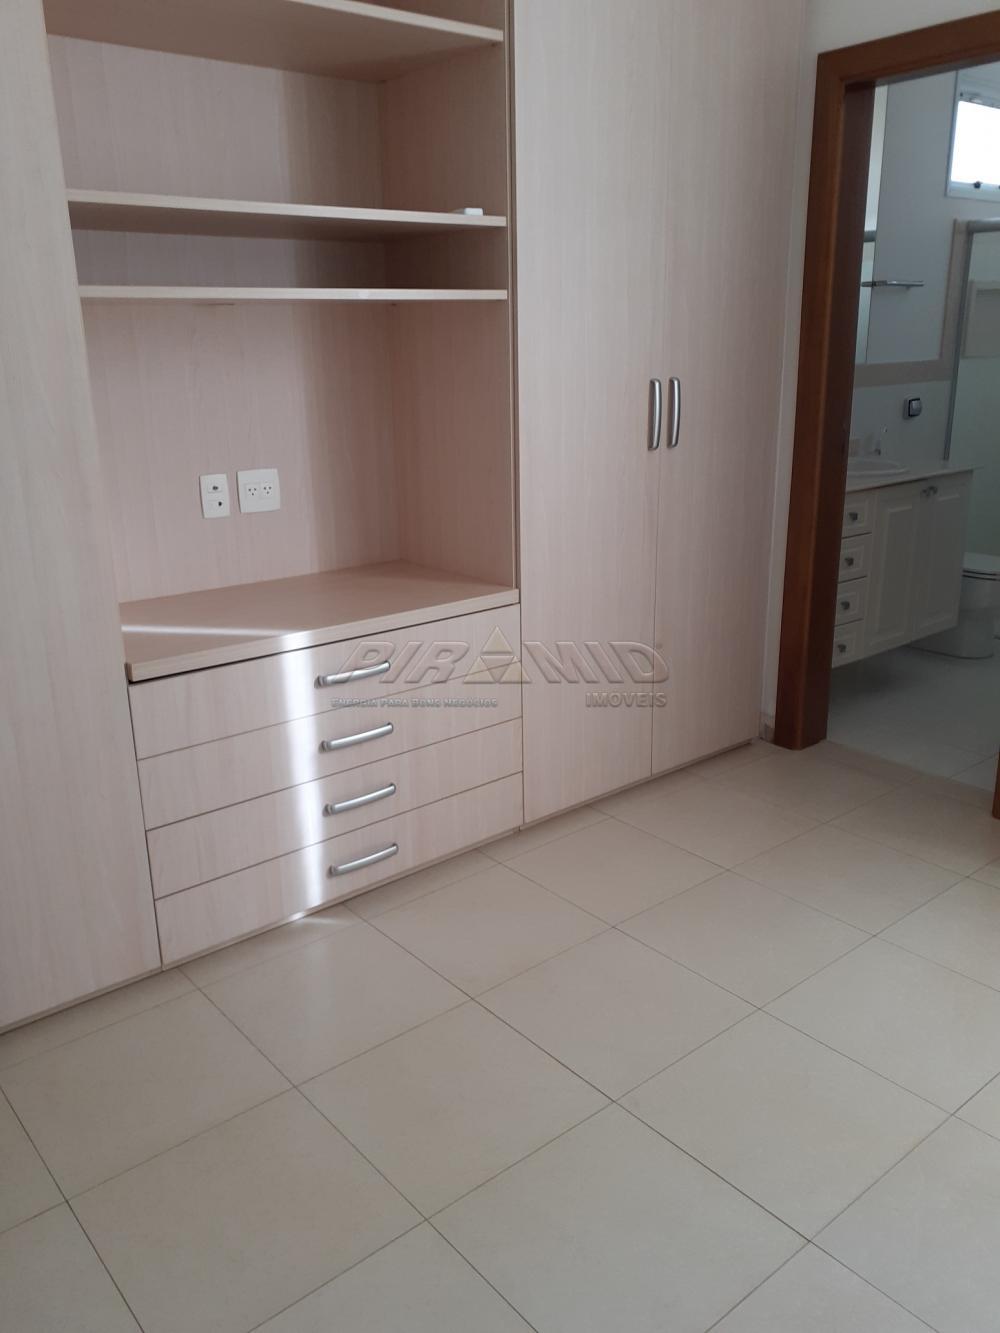 Comprar Casa / Condomínio em Ribeirão Preto apenas R$ 4.800.000,00 - Foto 8